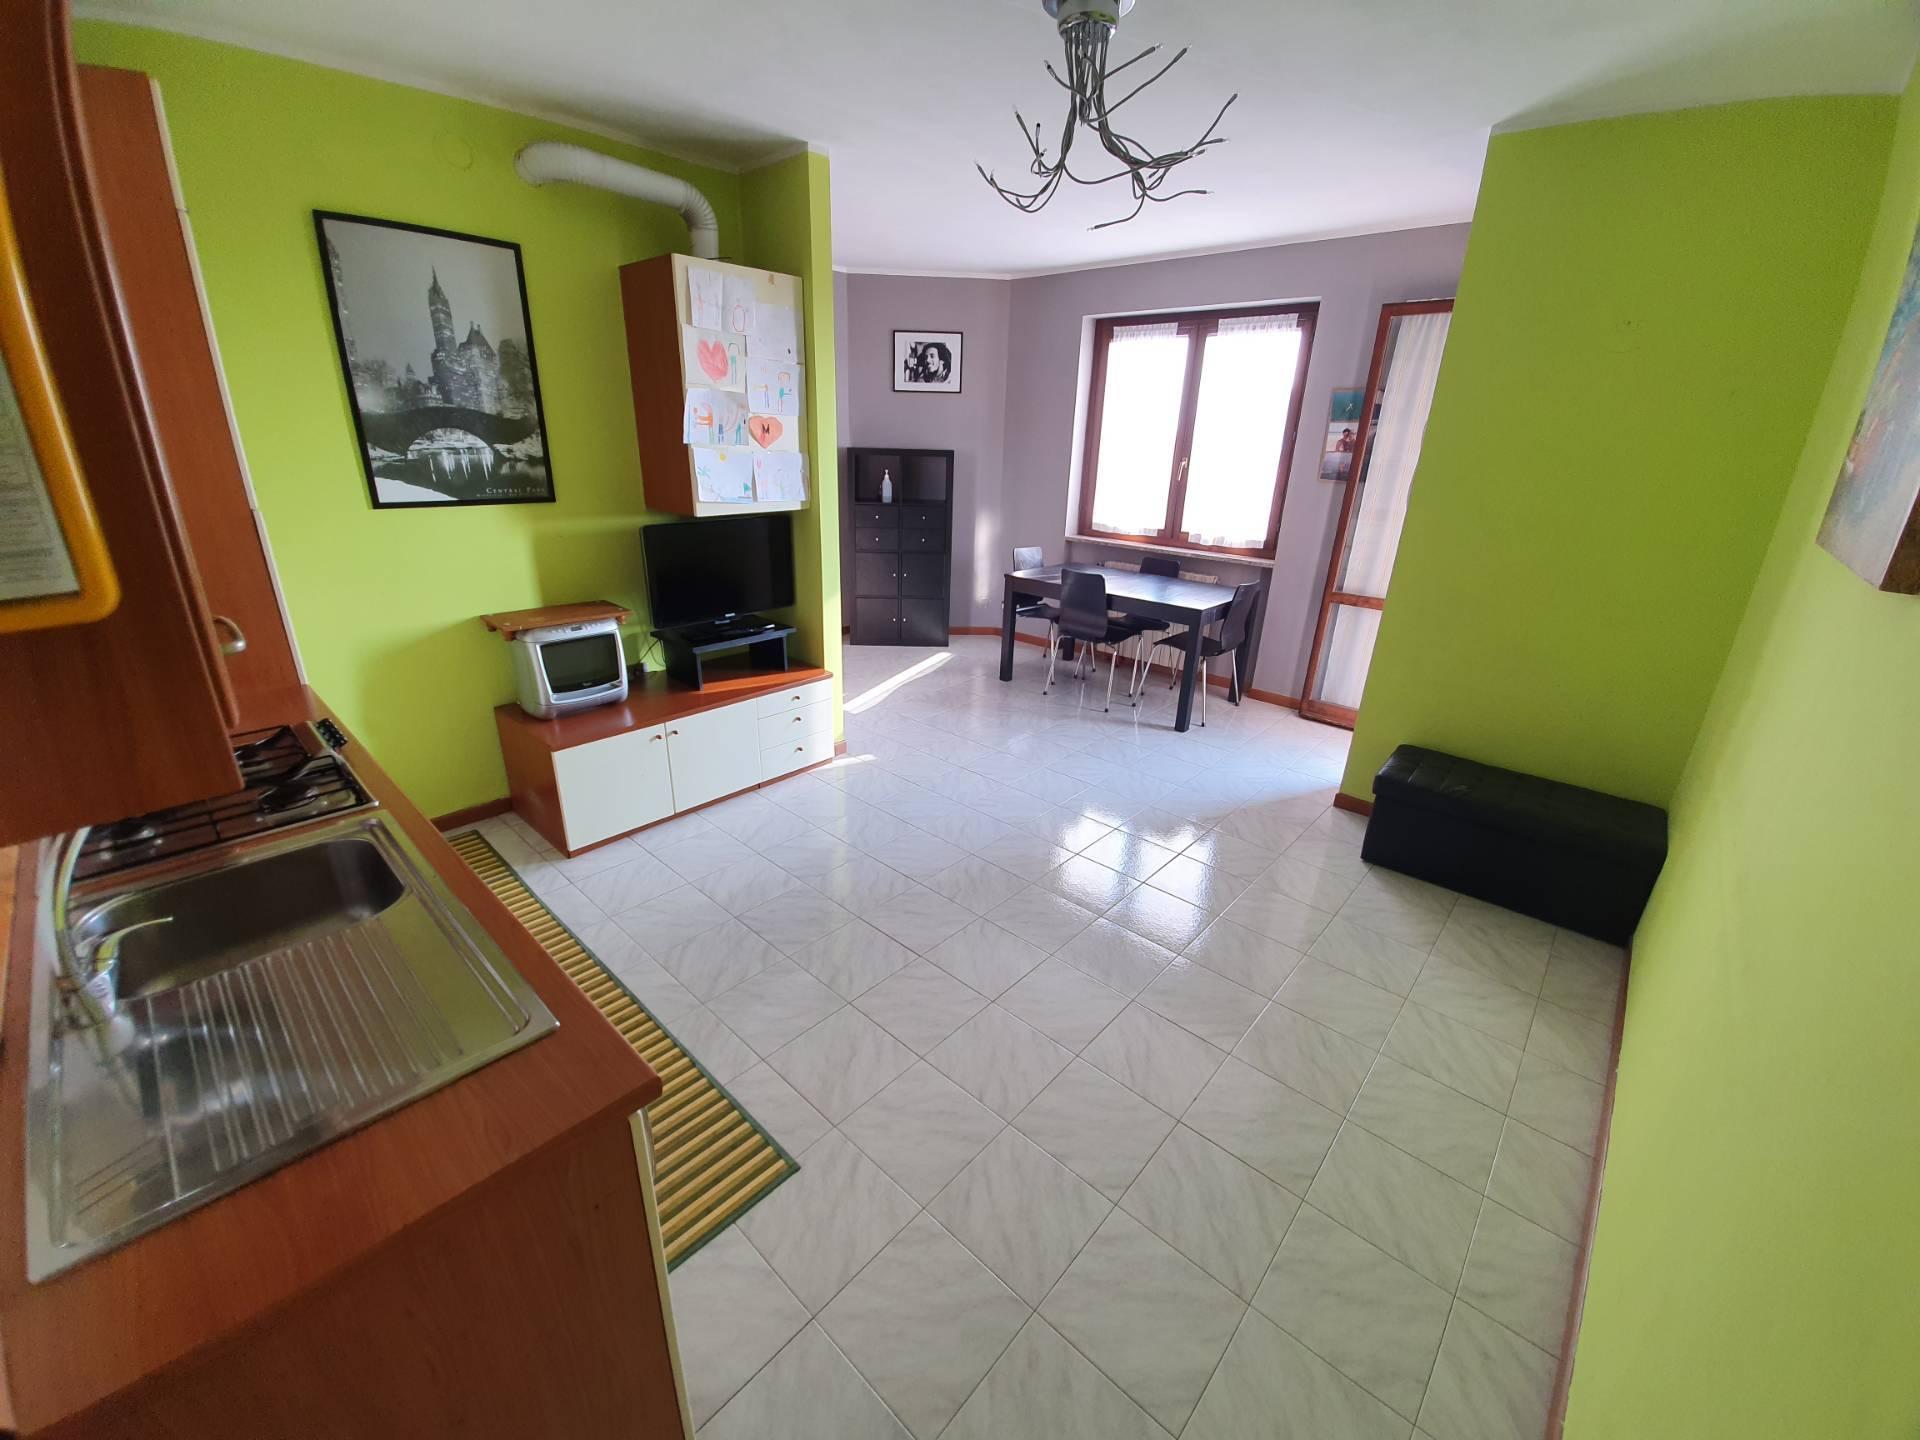 Appartamento in vendita a Pedrengo, 3 locali, prezzo € 125.000 | PortaleAgenzieImmobiliari.it